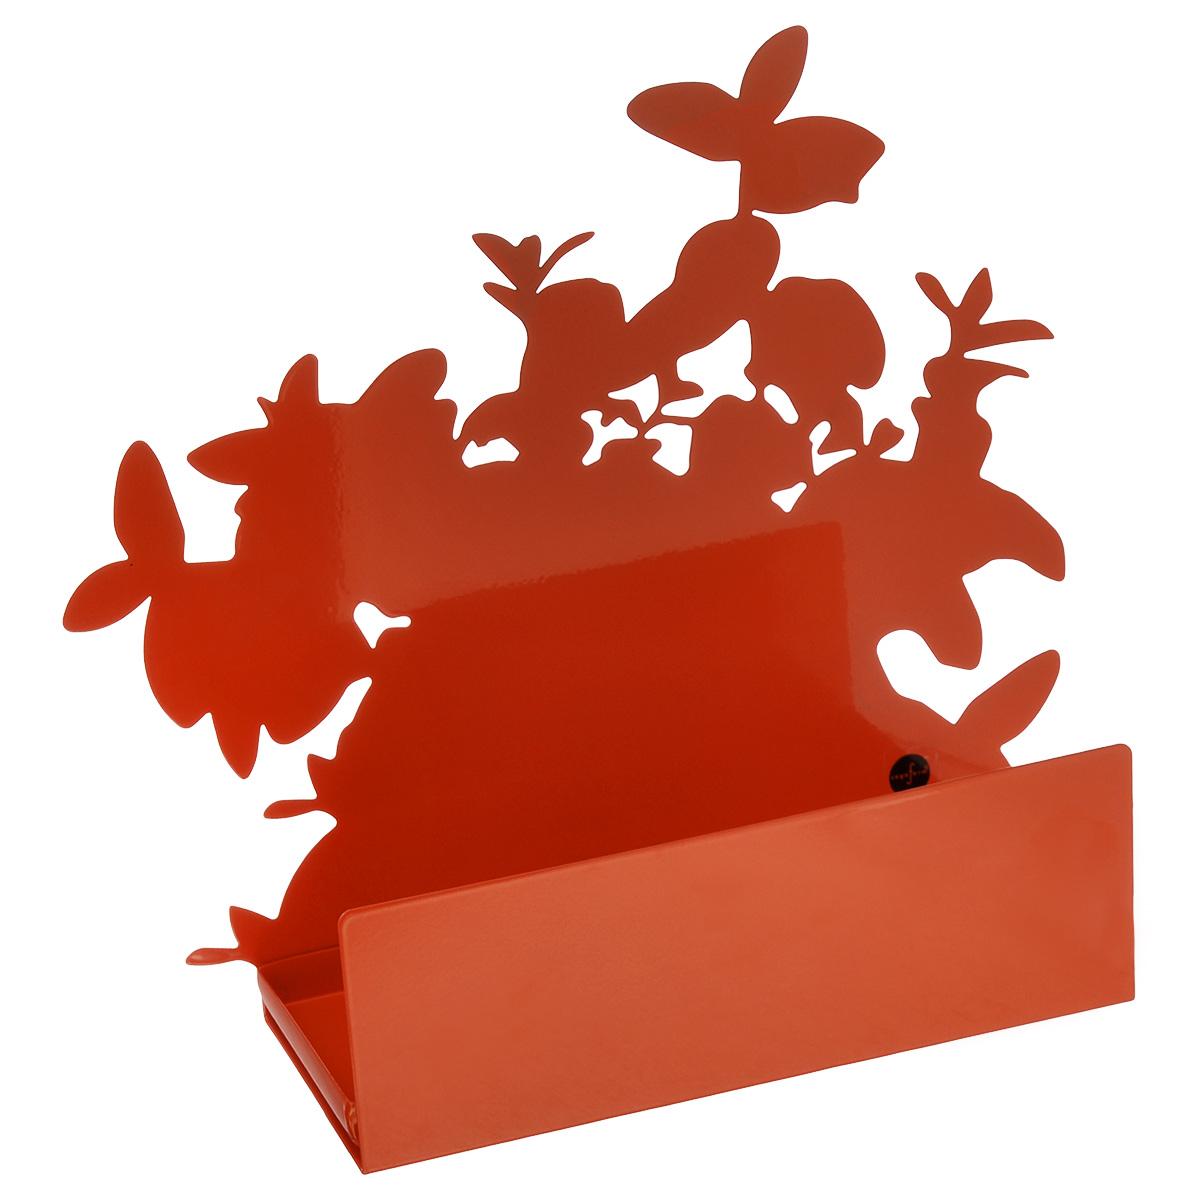 Подставка для растений Sagaform, с поддоном, цвет: оранжевый5016474Подставка Sagaform, изготовленная из высококачественной стали, предназначена для цветов, растений и трав. Изделие оснащено невысоким поддоном. Подставку можно поместить в любом понравившемся вам месте. Такая подставка порадует вас современным дизайном и функциональностью, а также оригинально украсит интерьер помещения. Размер подставки: 36 см х 10 см х 29,5 см. Размер поддона: 26 см х 8,5 см х 1,8 см.